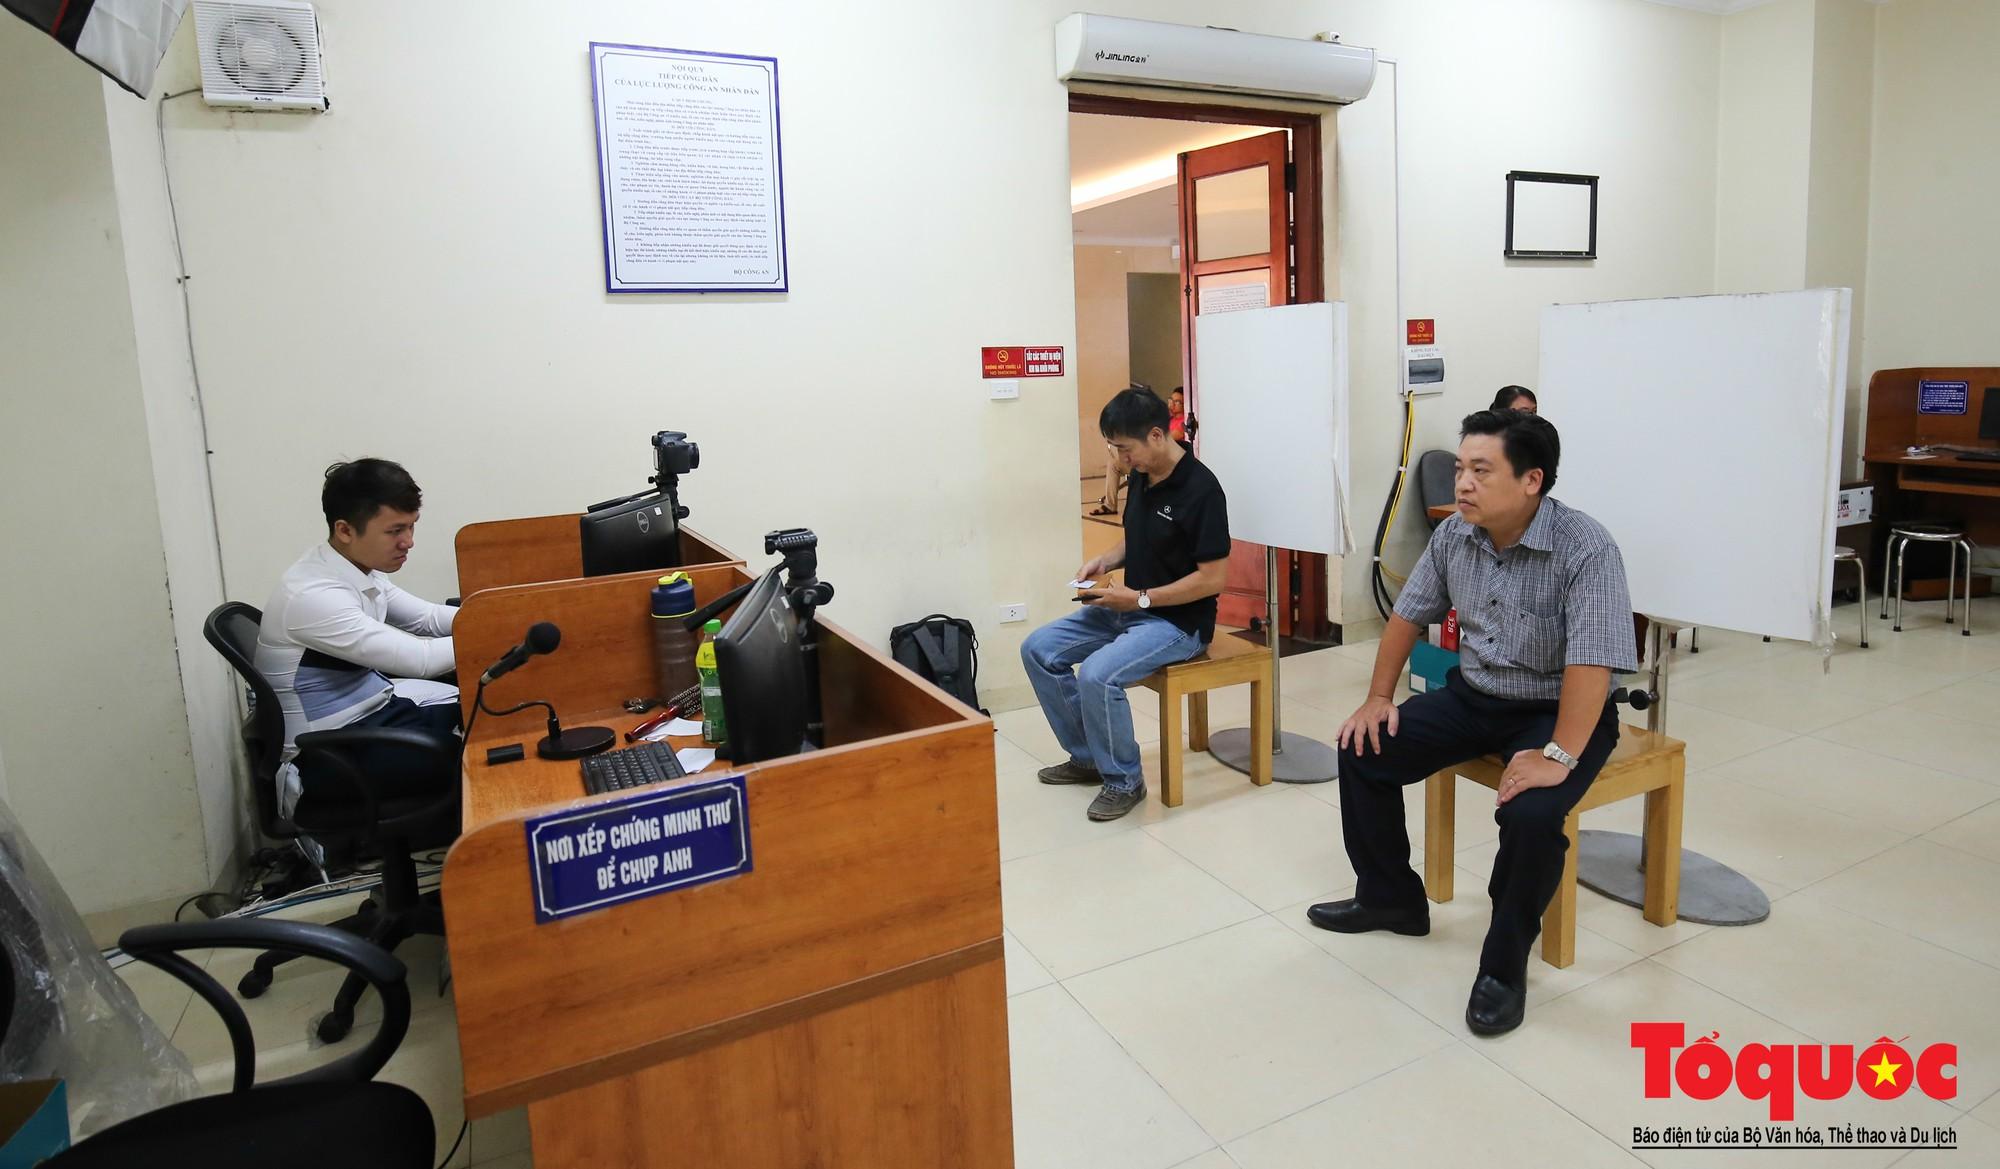 Lực lượng Công an Thủ đô vui tươi, tình nguyện phục vụ nhân dân trong Chủ Nhật (7)